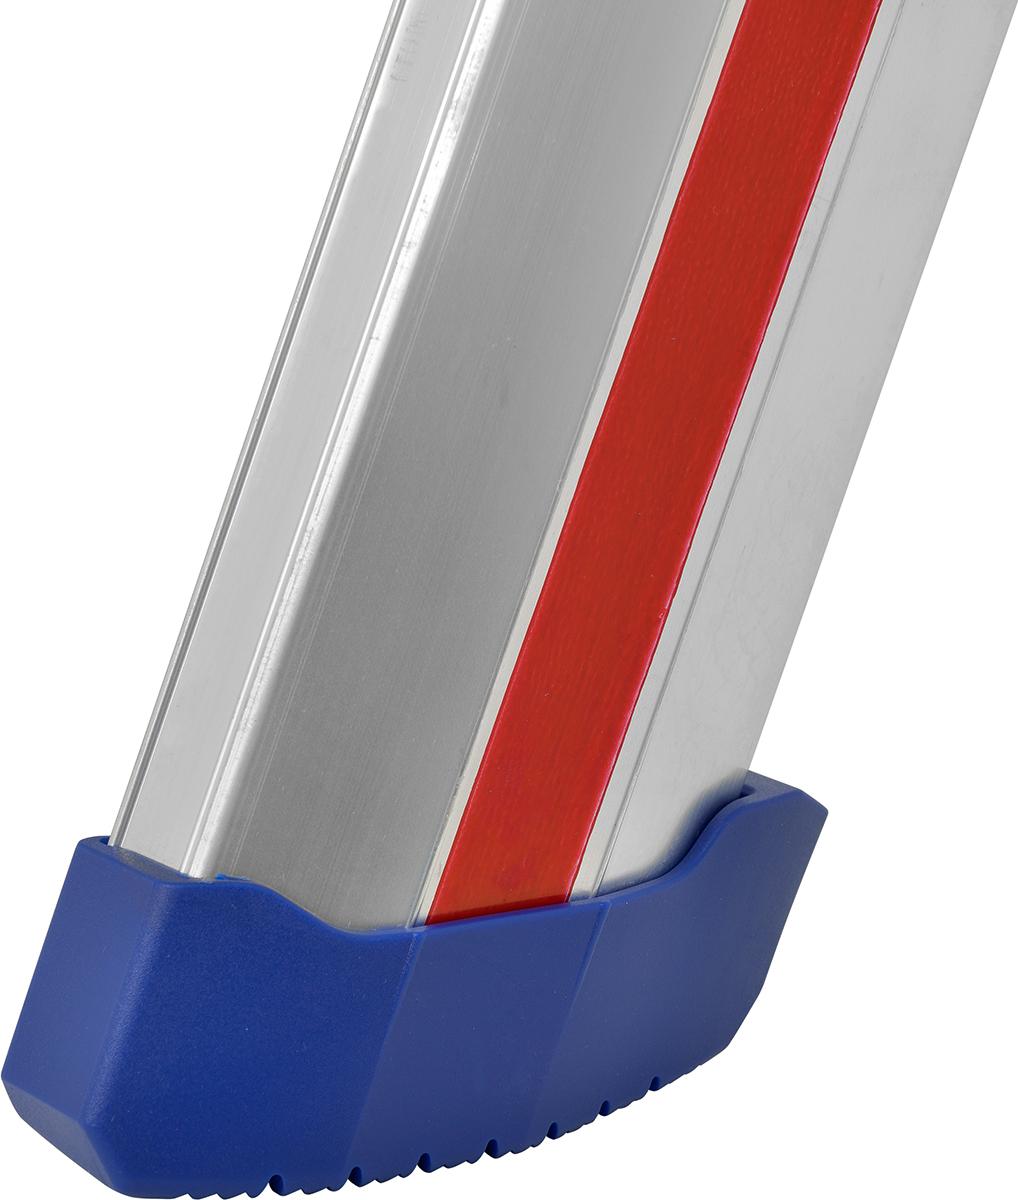 Hymer Leiterschuhset 81 mm für Stufenleitern